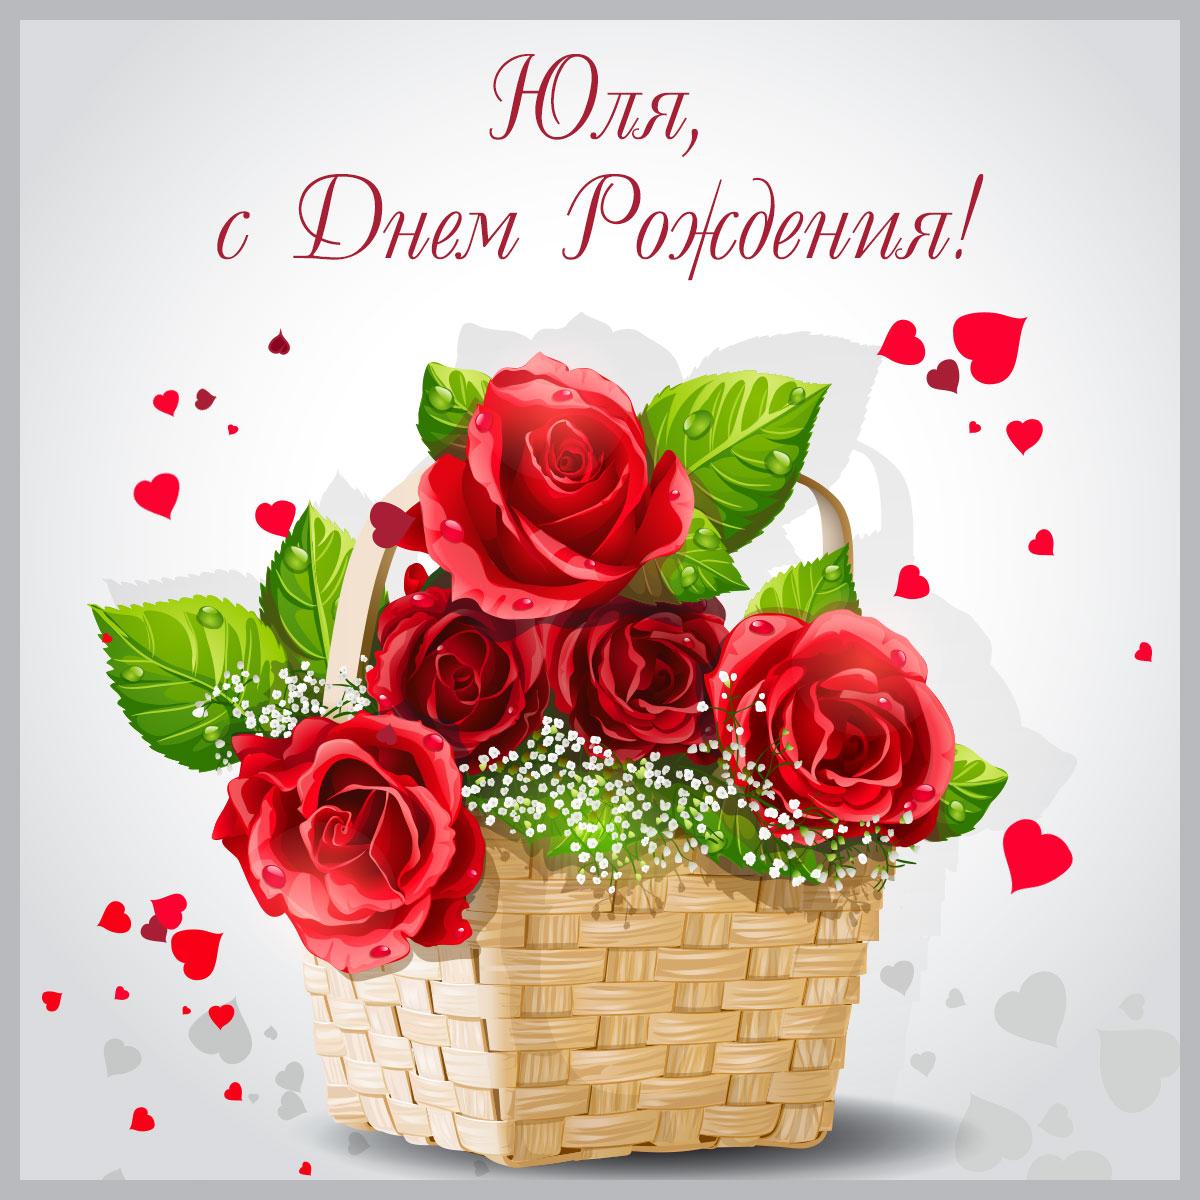 Поздравительная открытка с букетом садовых роз в плетёной корзине.